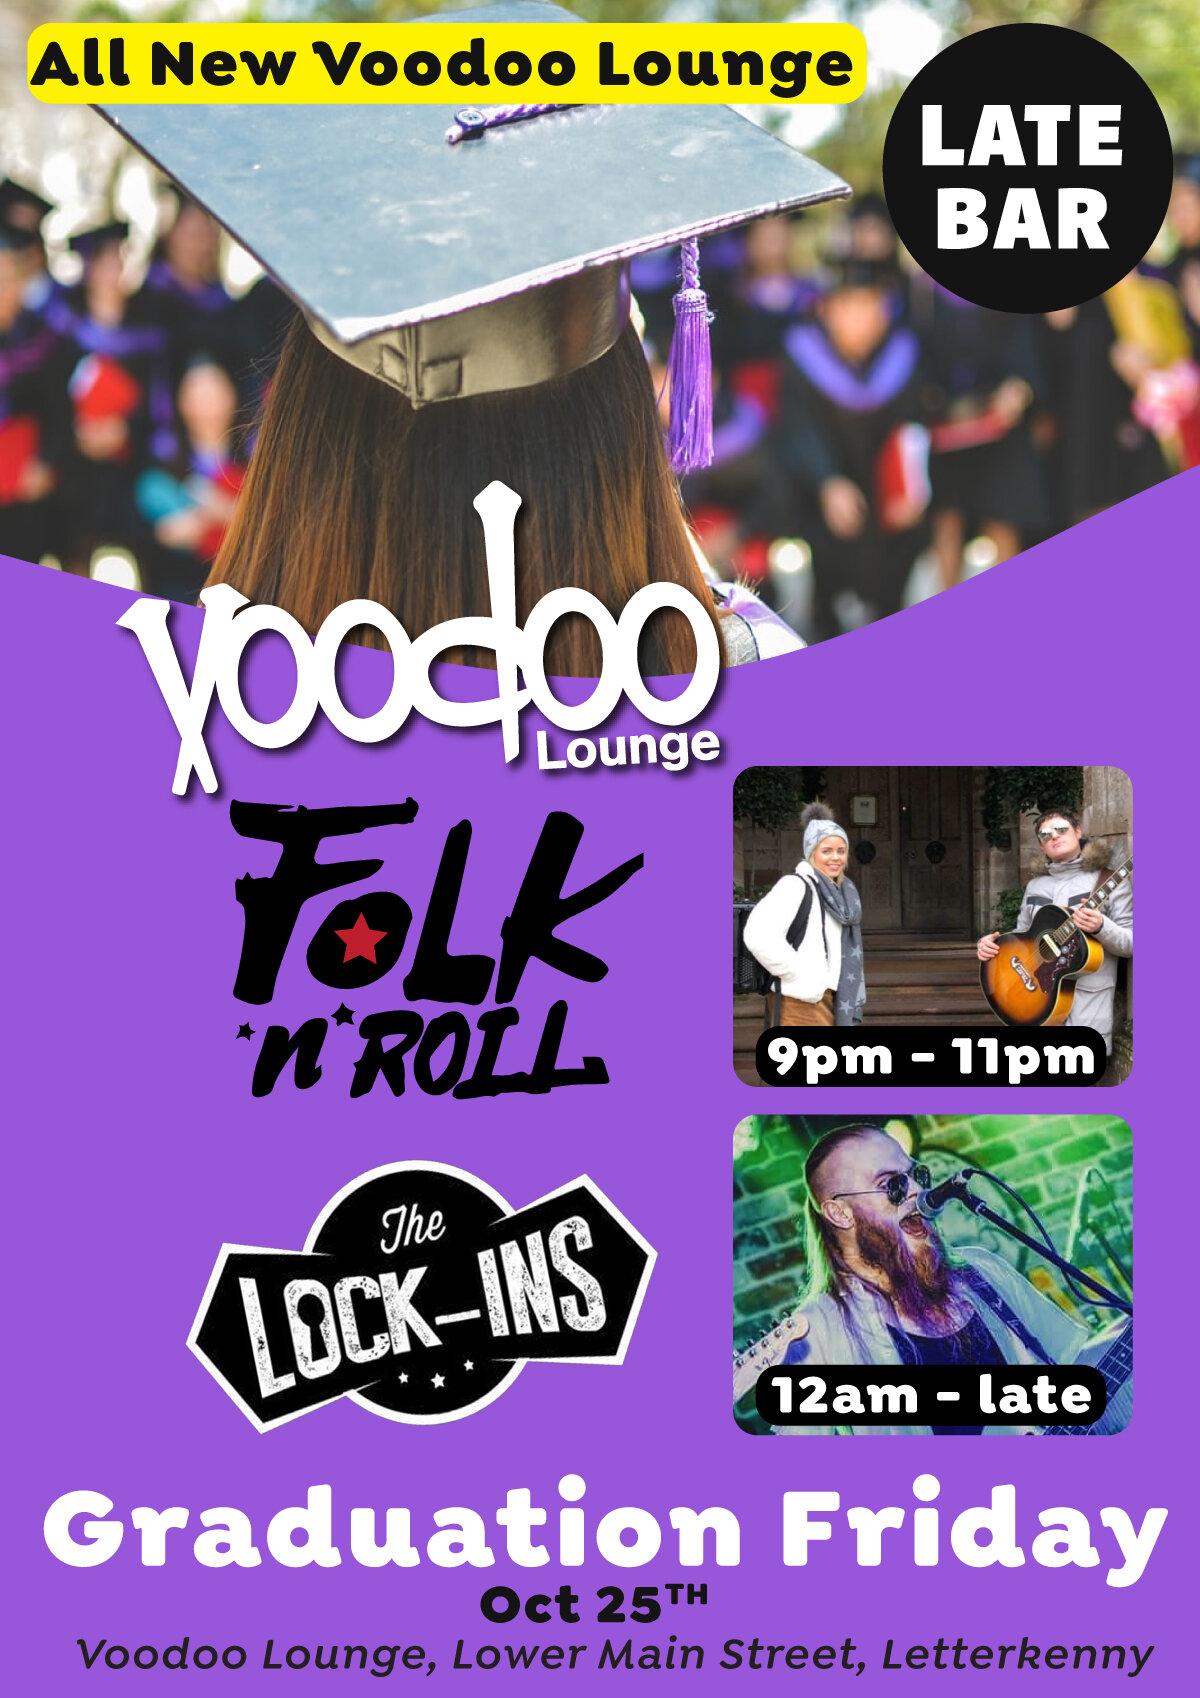 voodoo-venue---FRIDAY---graduation---lock-ins---folk-and-roll-fri-oct-25-2019.jpg